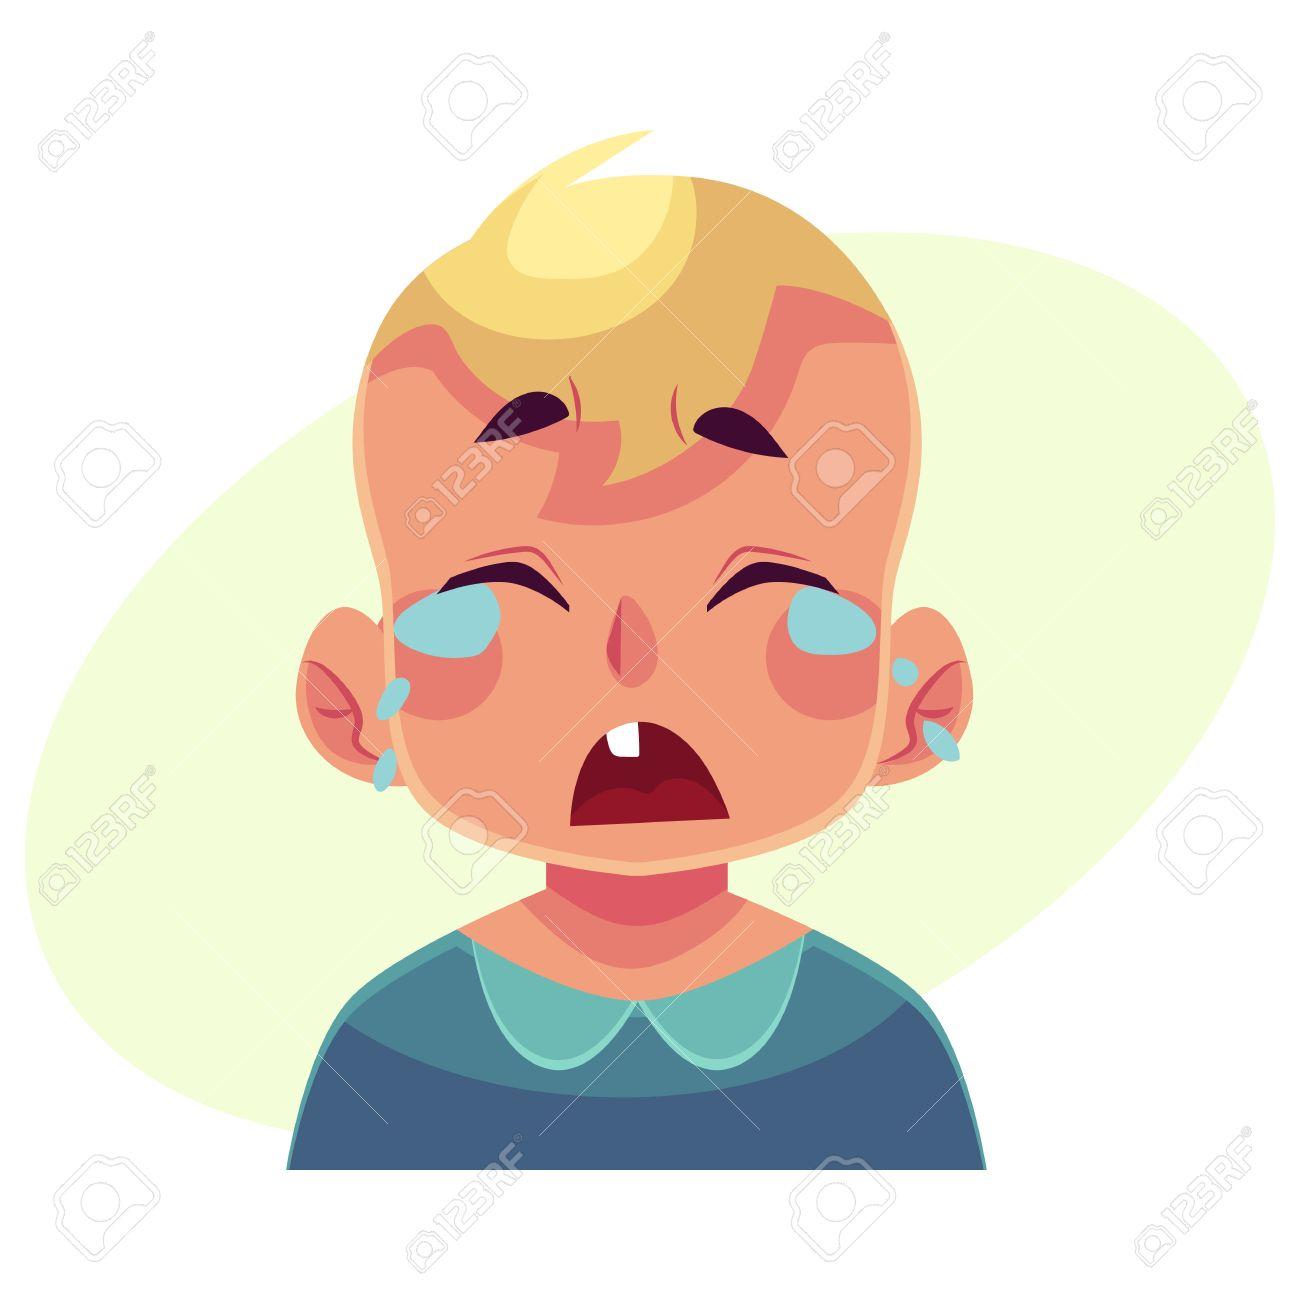 Petit Visage De Garcon Pleurer Expression Du Visage Vecteur Dessin